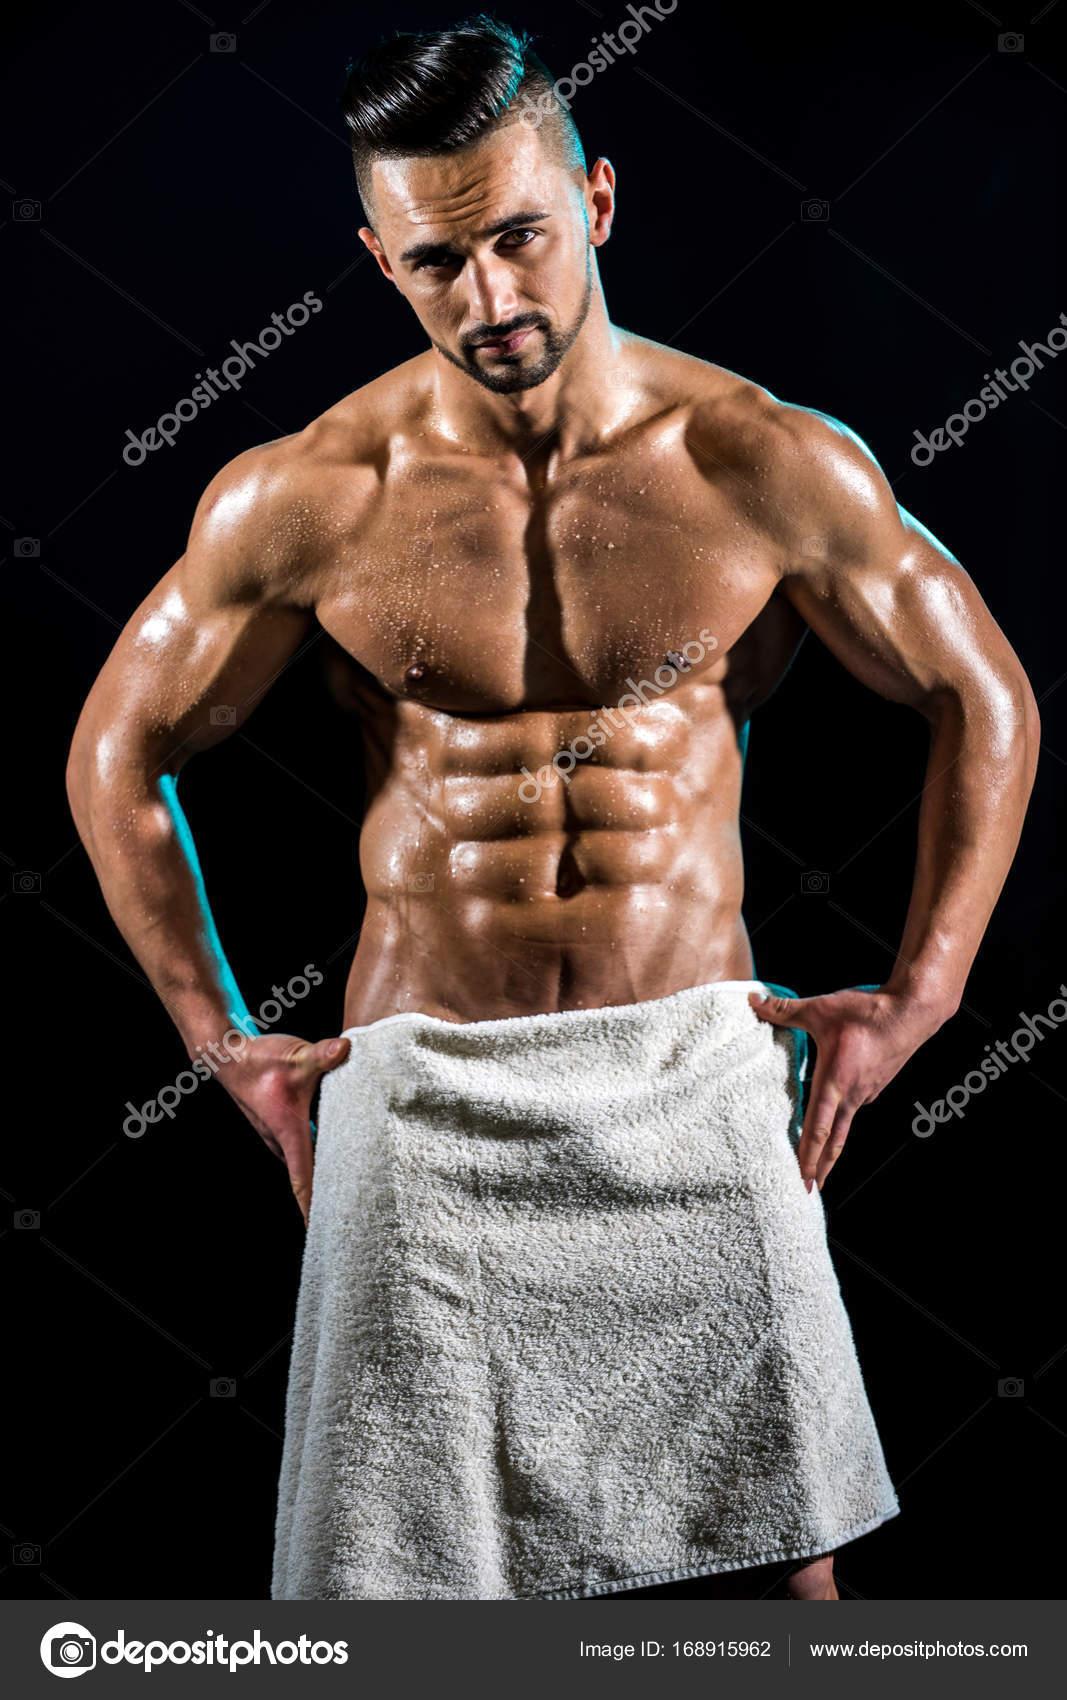 férfiak mutatják a péniszüket